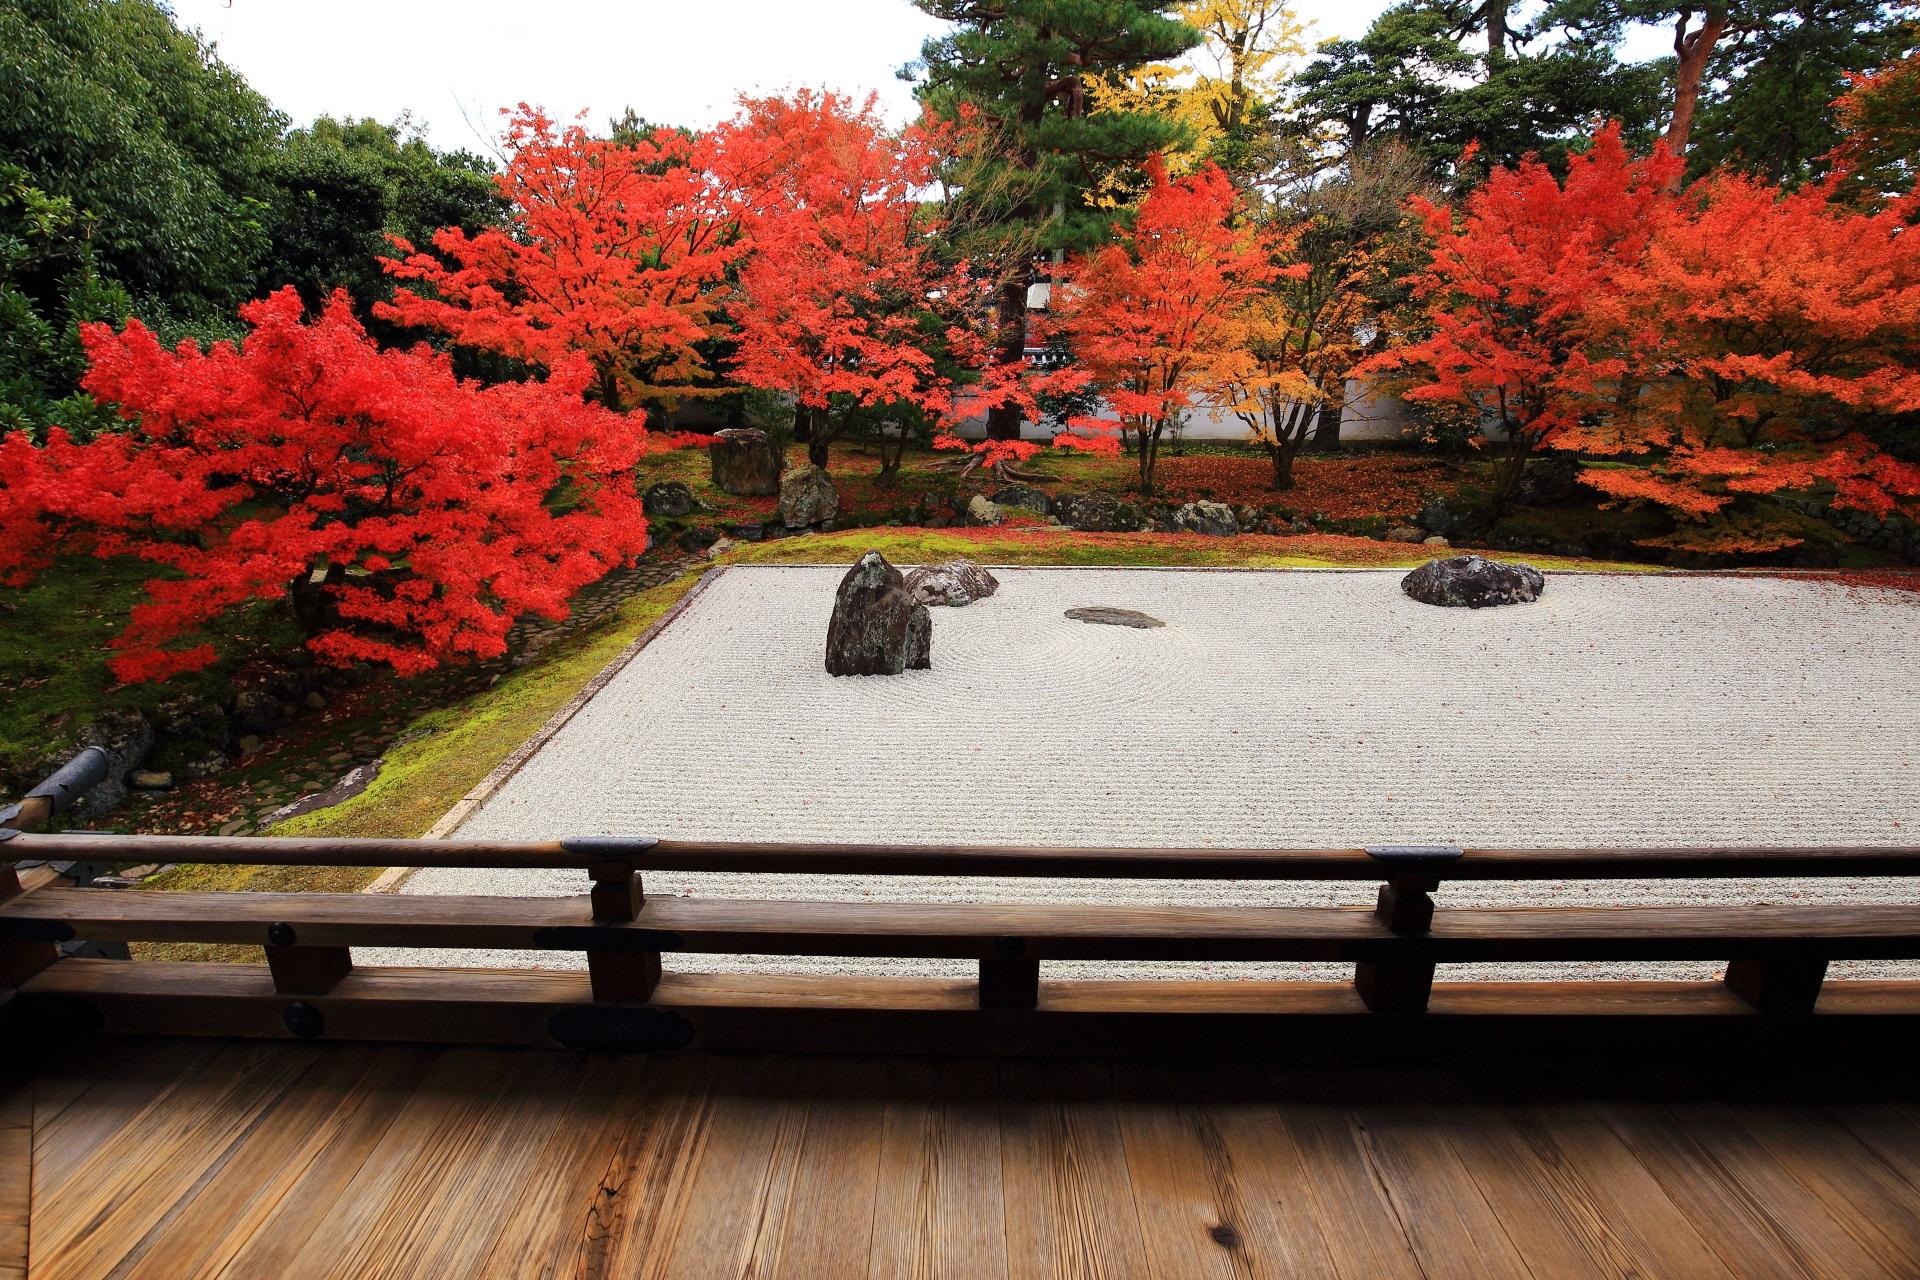 風情と華やかさを併せ持った見事な紅葉